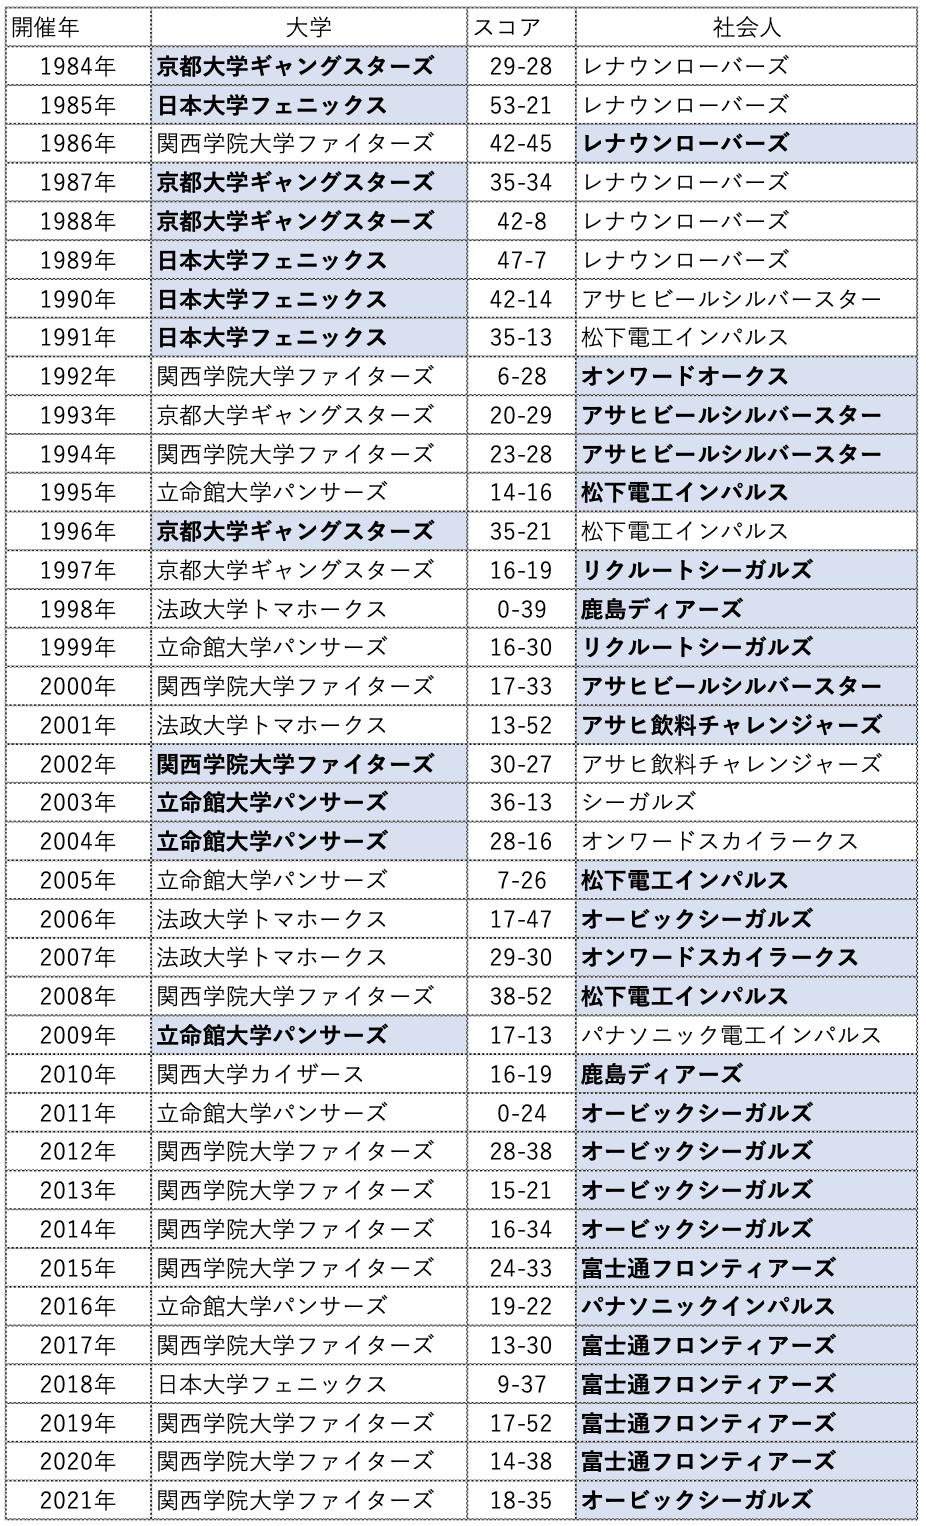 日本選手権となって以降のライスボウル対戦成績